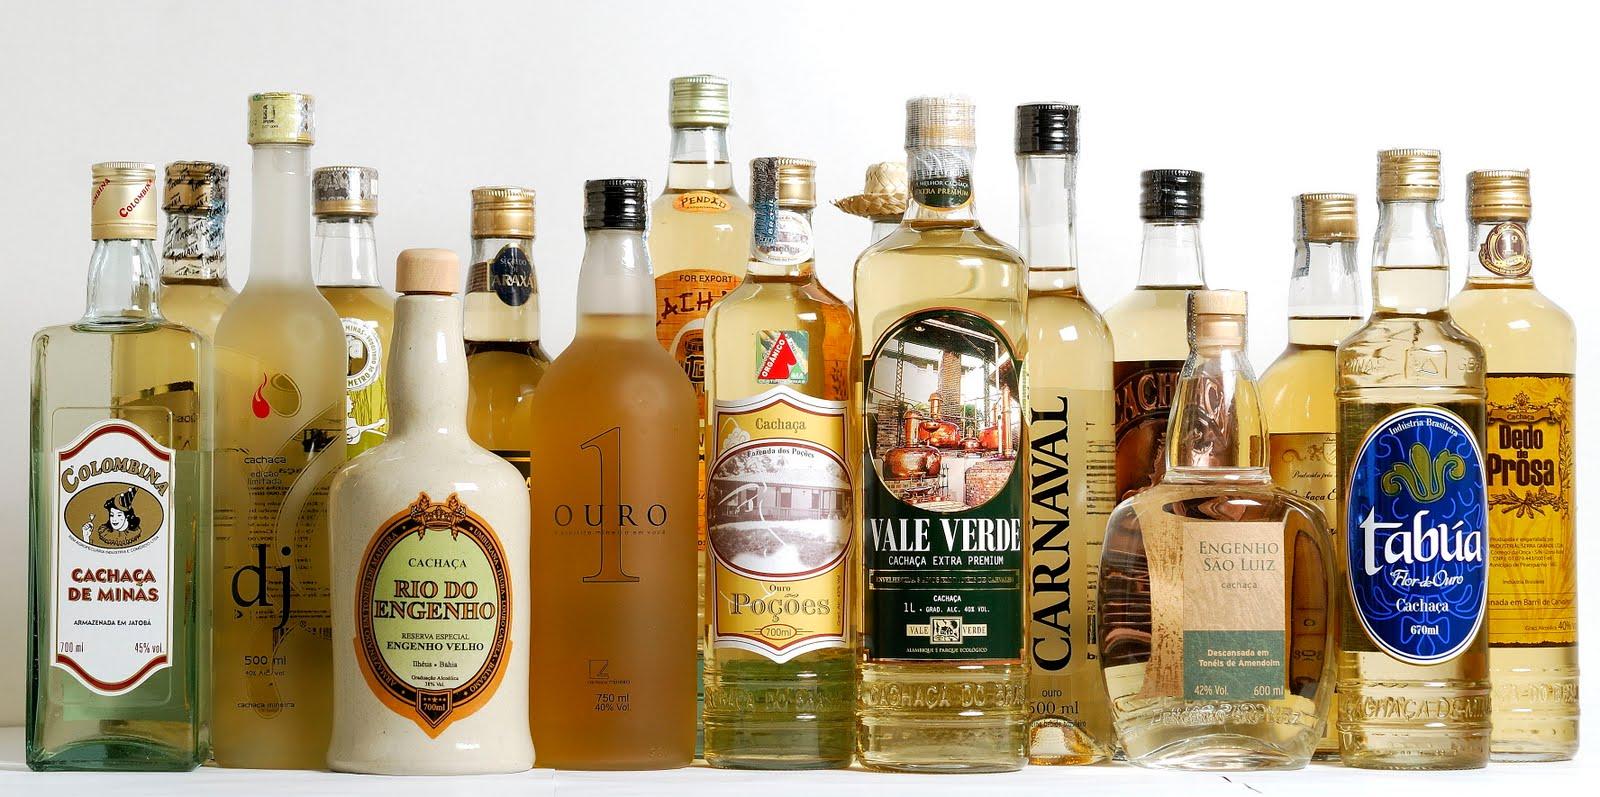 Кашаса ассортименте разные бутылки тросниковых дистиллятов